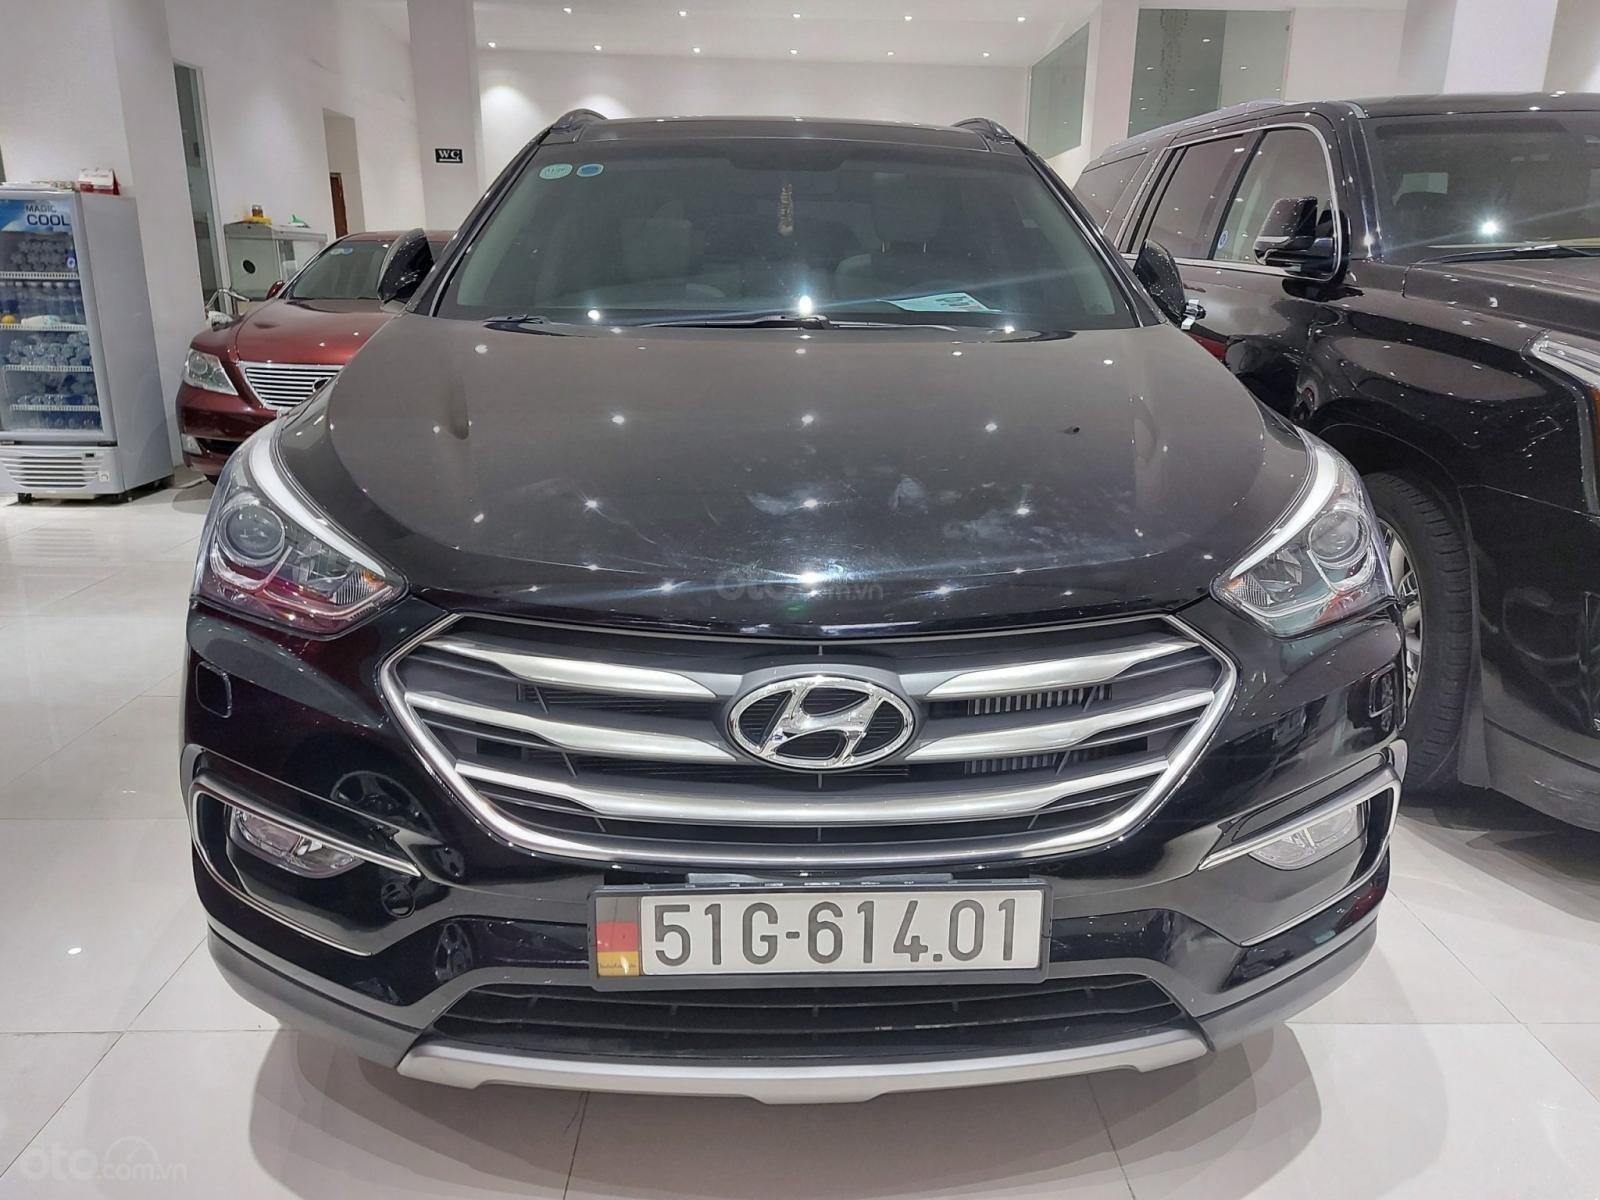 Bán Hyundai Santa Fe 2.2 AT 2018, máy dầu diesel, biển SG, xe gia đình sử dụng, odo 30.000km, thương lượng khách thiện chí (1)